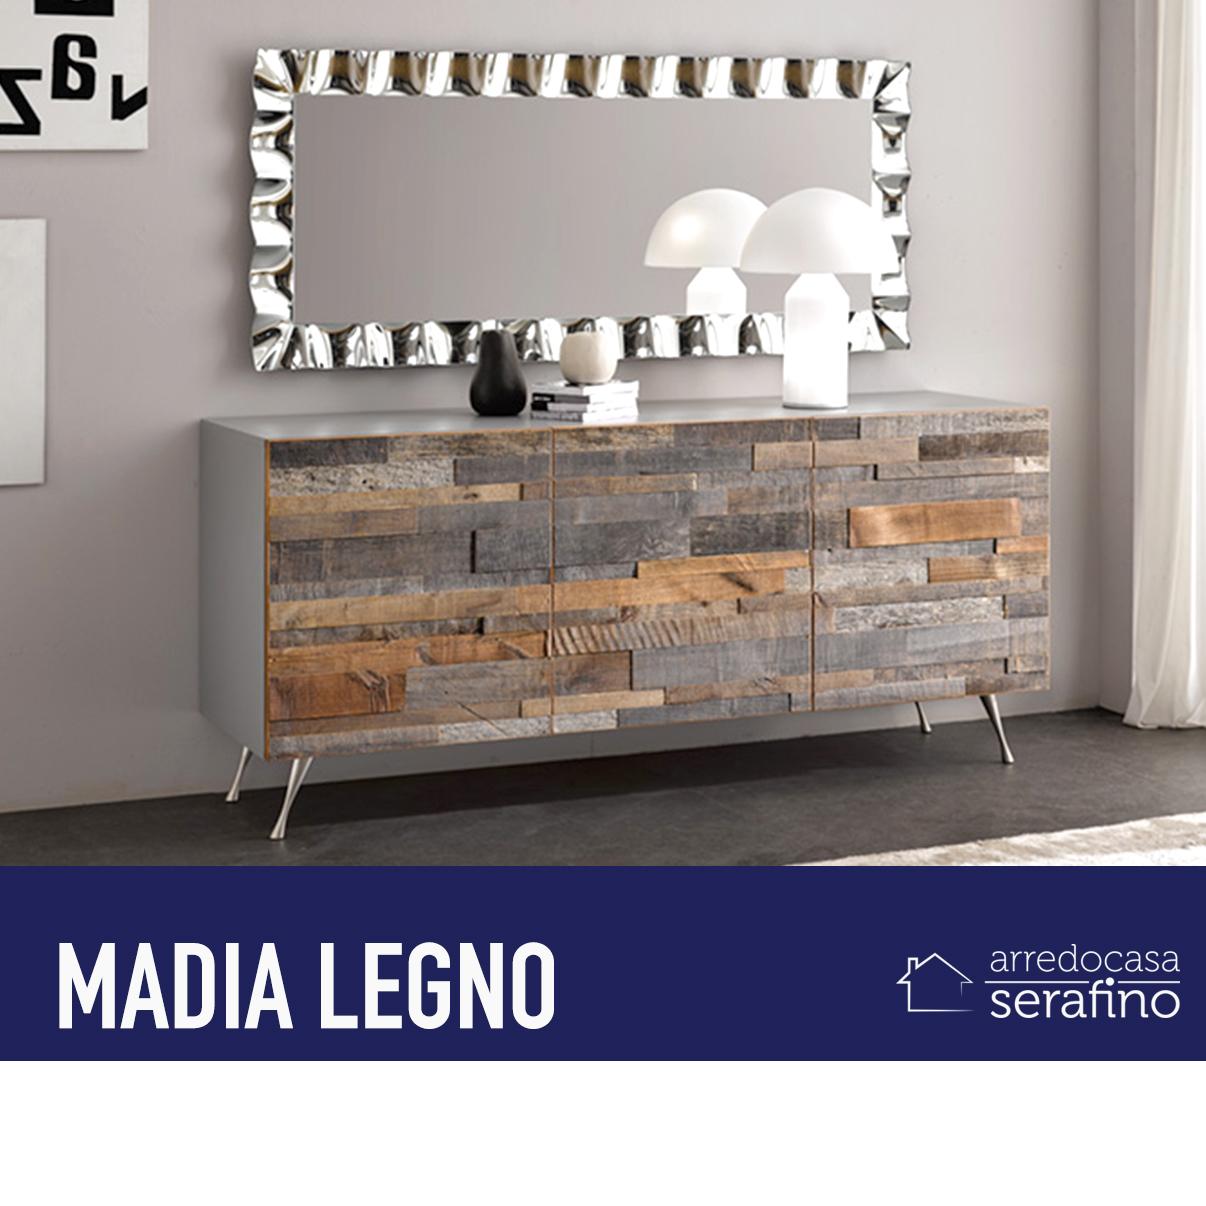 Madia Design in legno. – Arredocasa Serafino